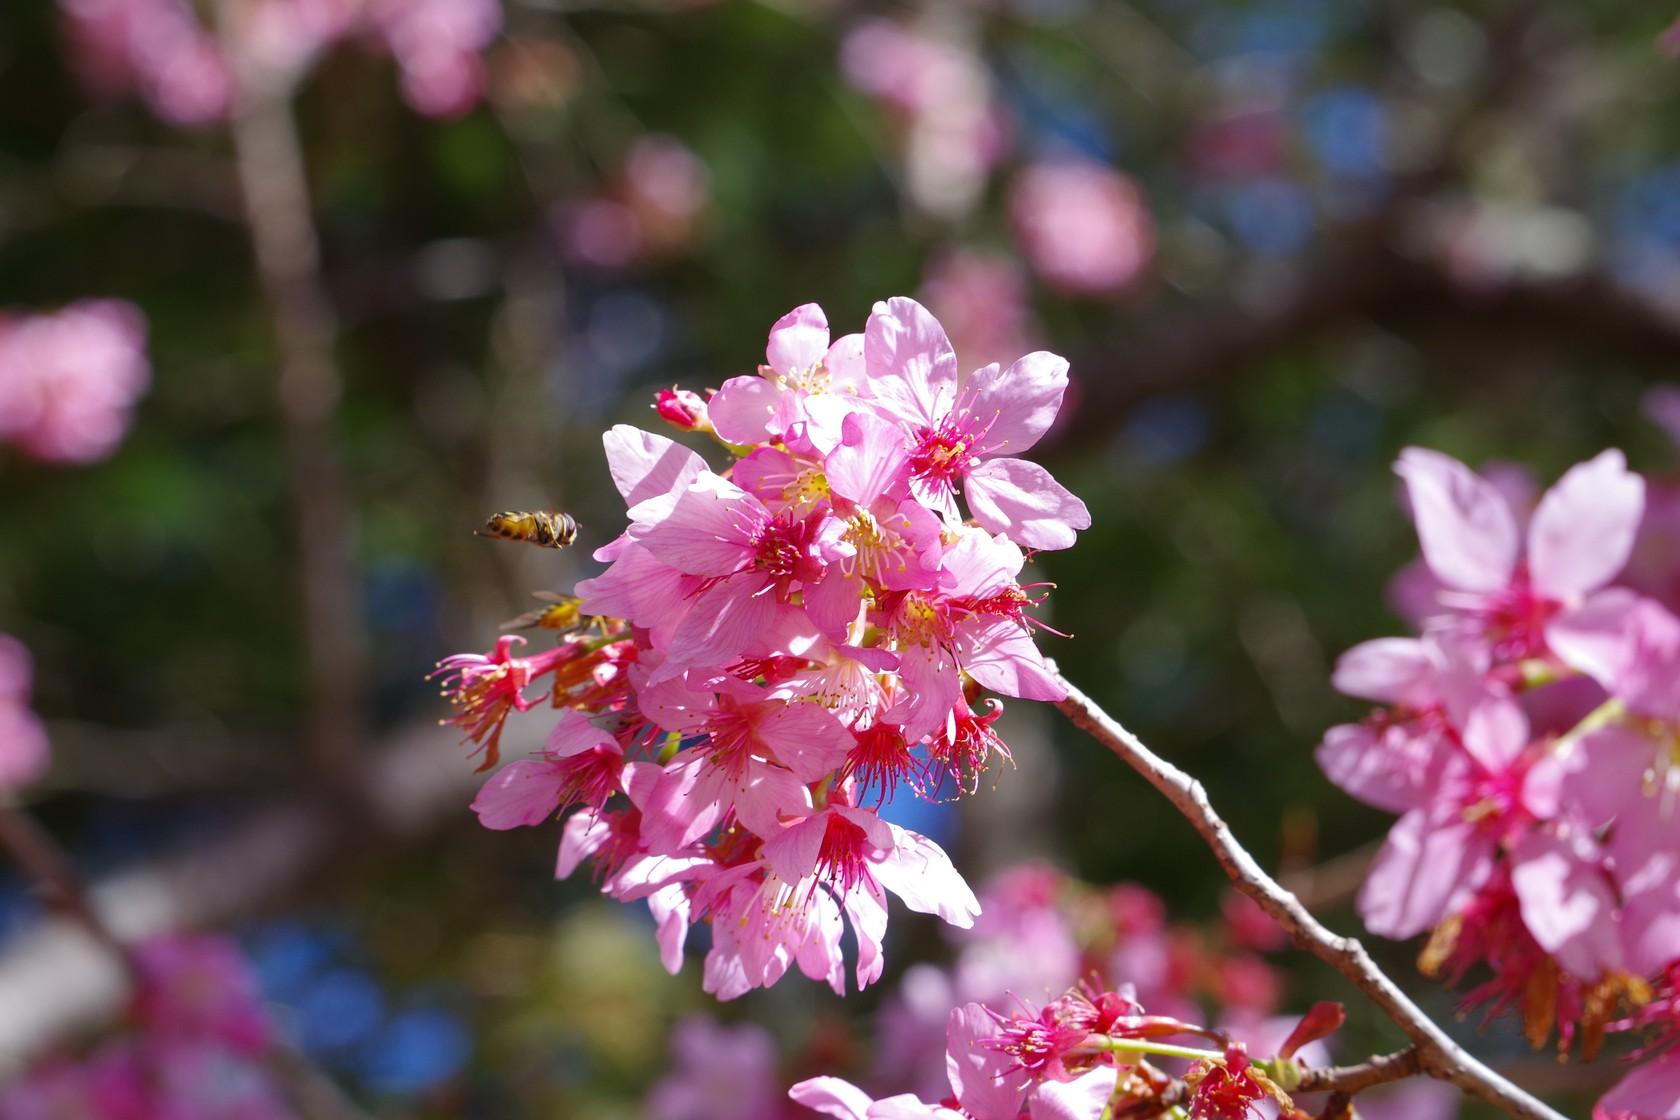 櫻花與密蜂 - 上午